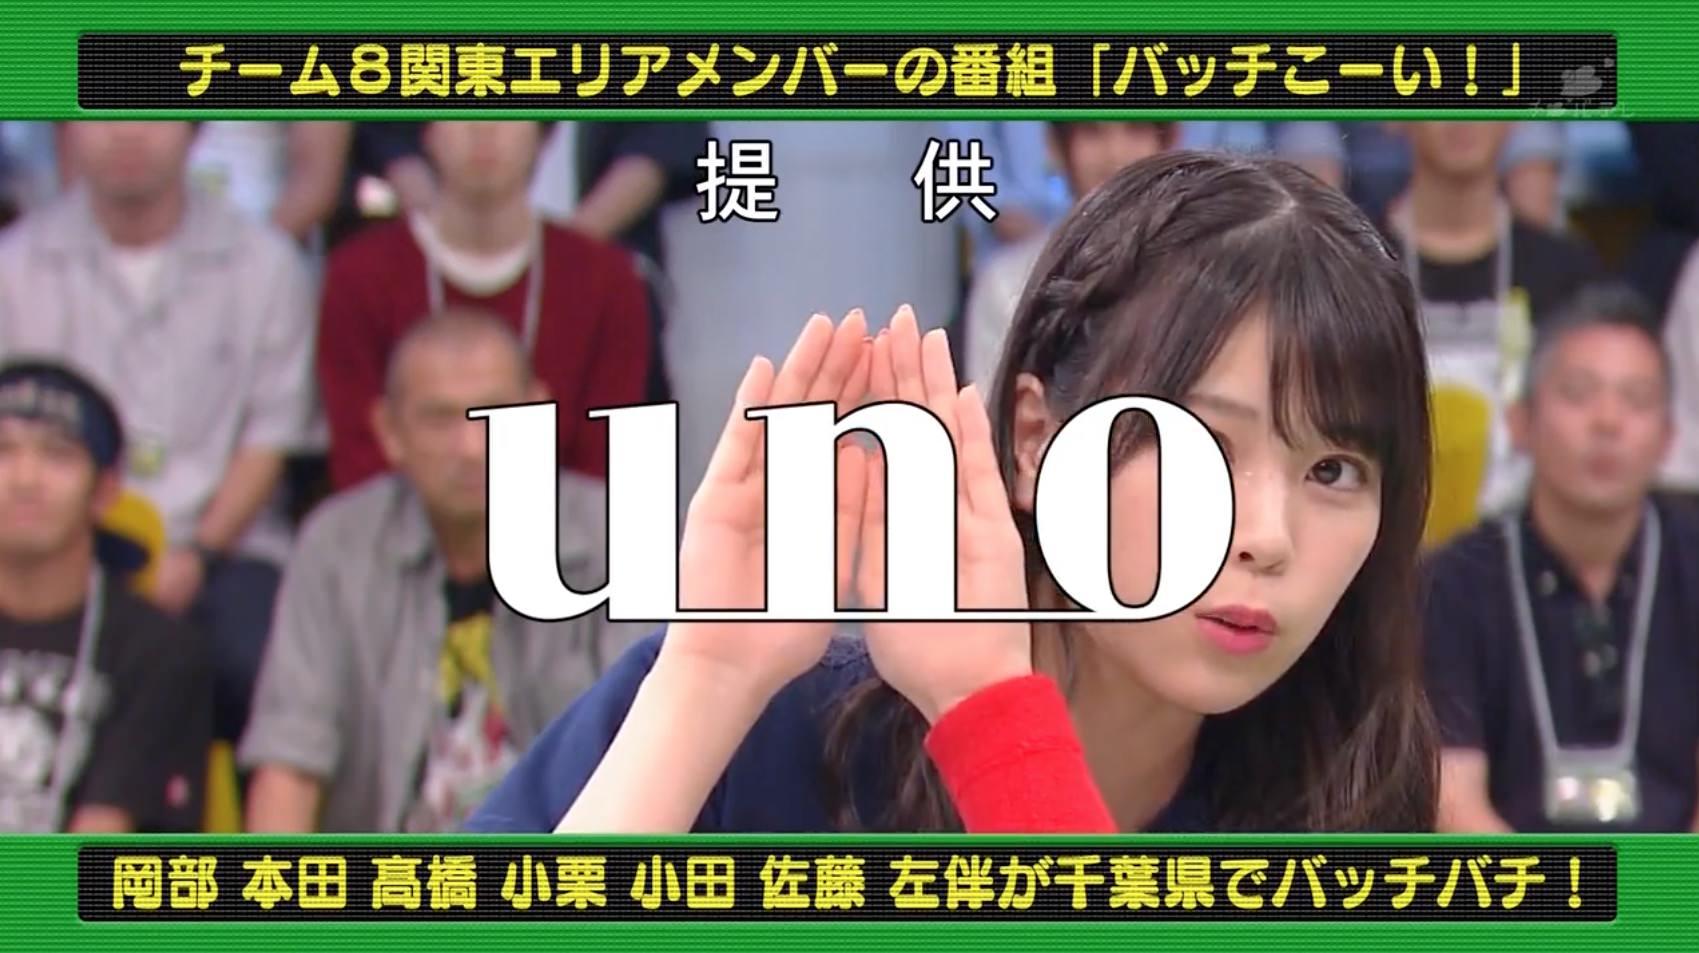 【朗報】 チーム8の冠番組で新たなスポンサーがつく!!